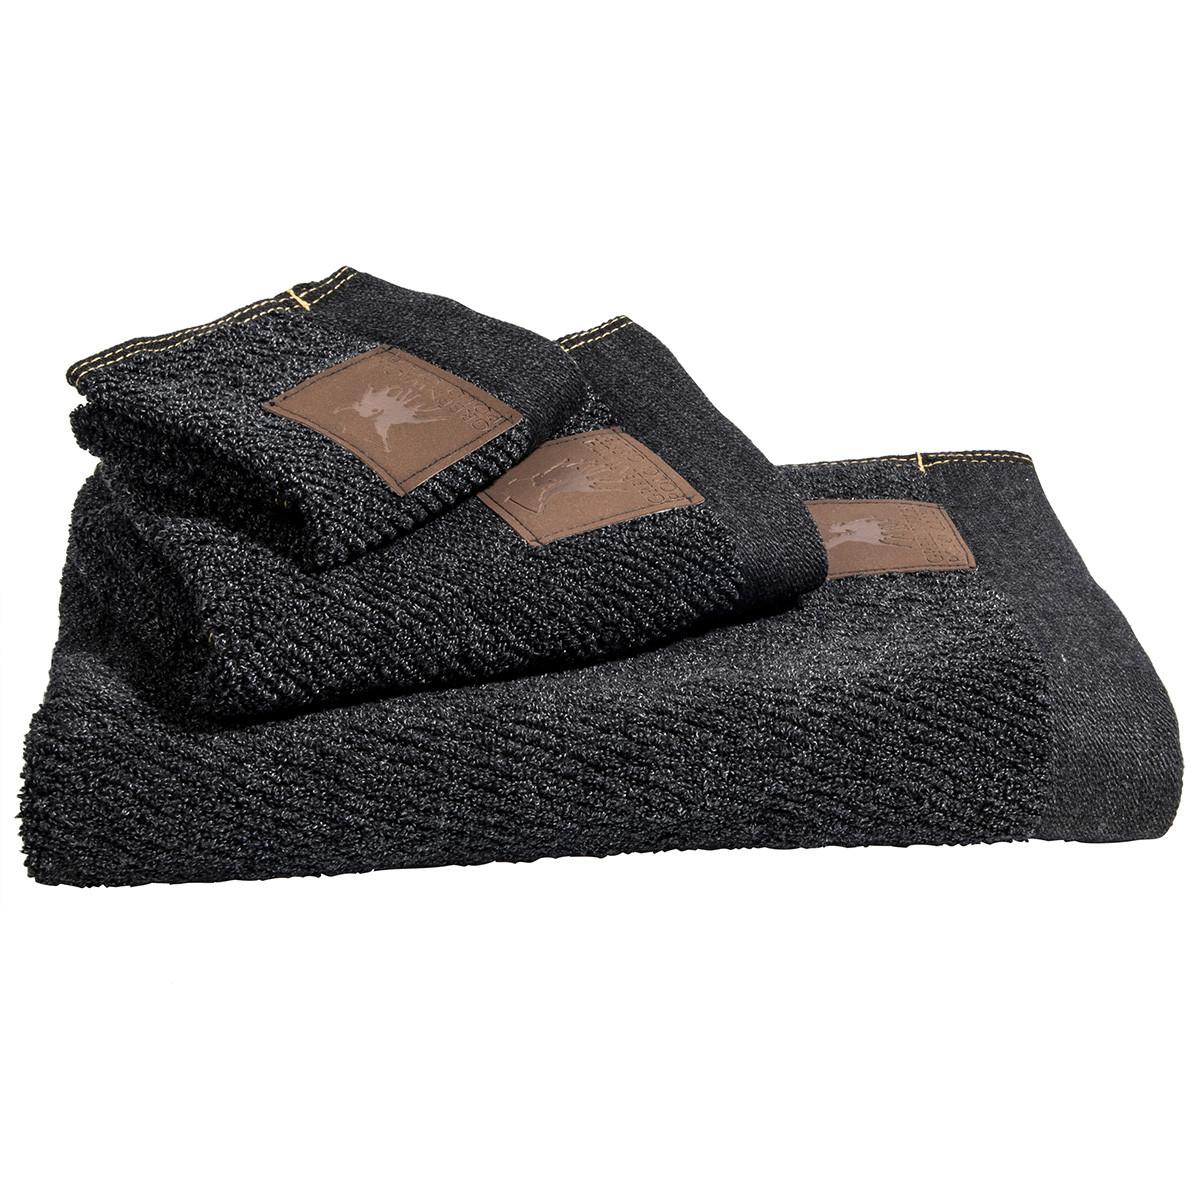 Πετσέτες Προσώπου (Σετ 2τμχ) Polo Club Essential 2525